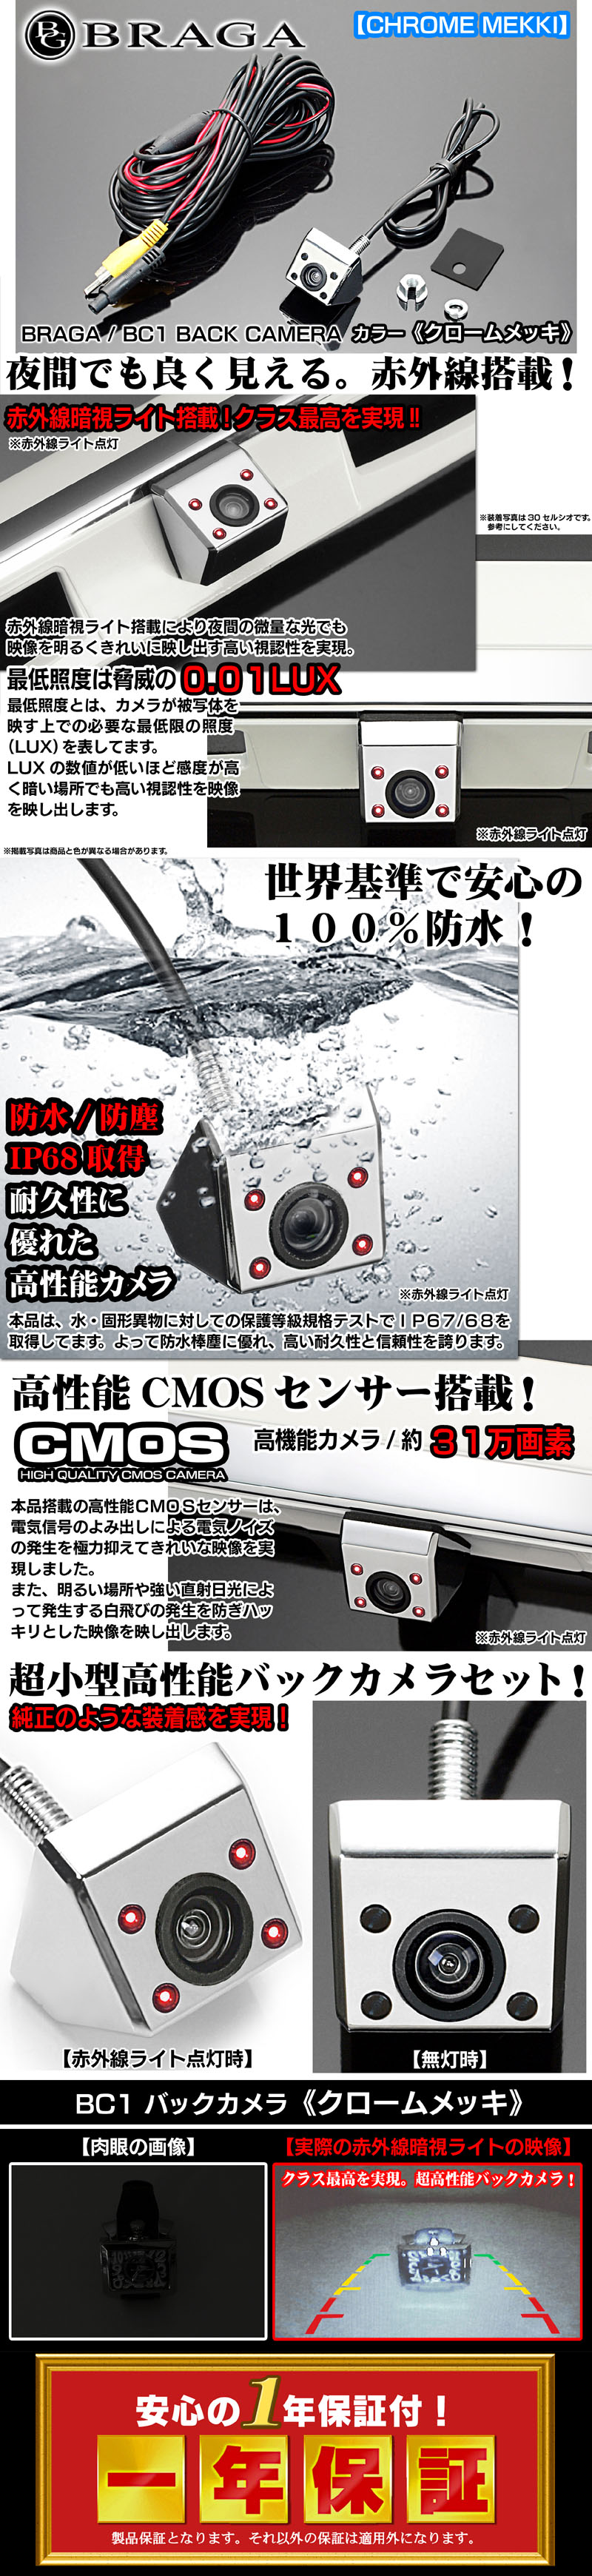 【赤外線暗視ライト搭載】BC1バックカメラ《クロームメッキ》CMOS広角170°防水防塵/12V専用